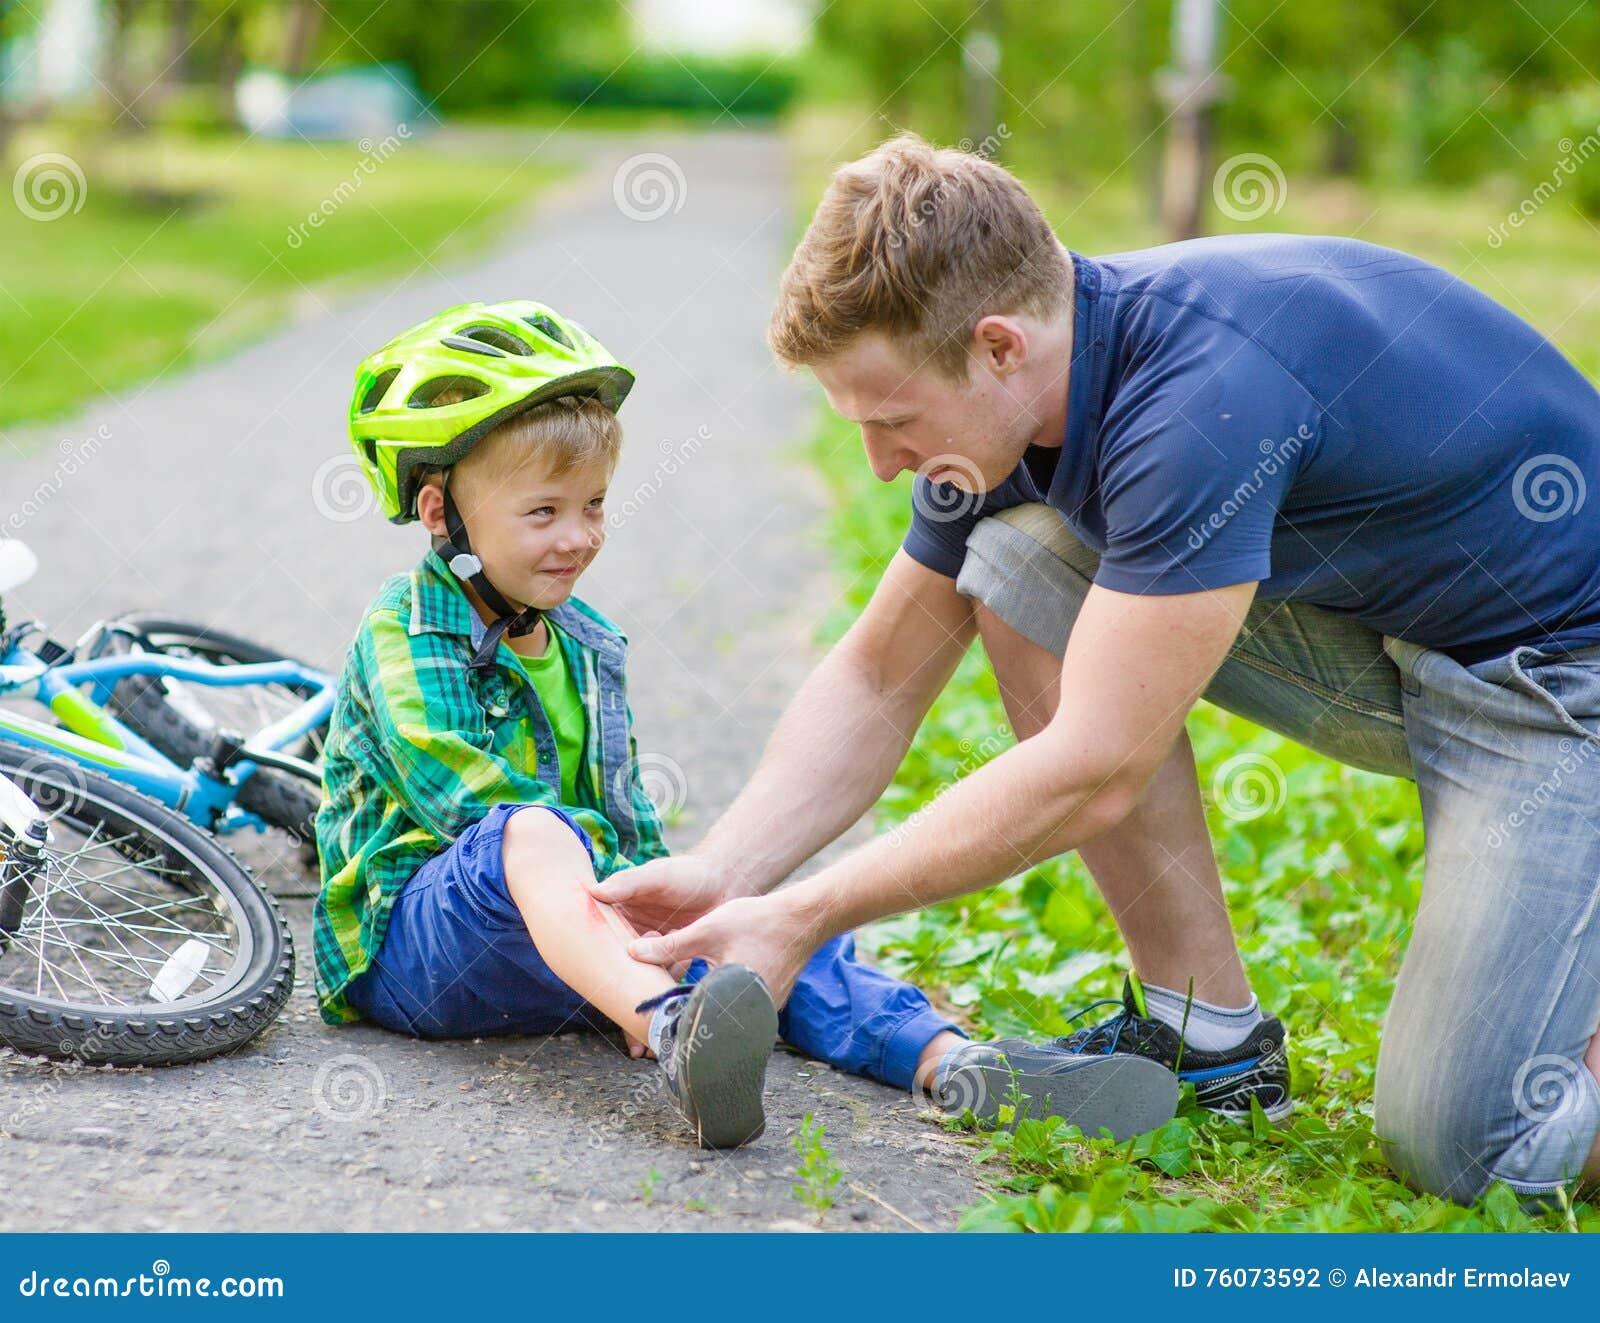 Vader die pleister op de verwonding van de jonge jongen zetten die van zijn b viel stock foto - Turquoise ruimte van de jongen ...